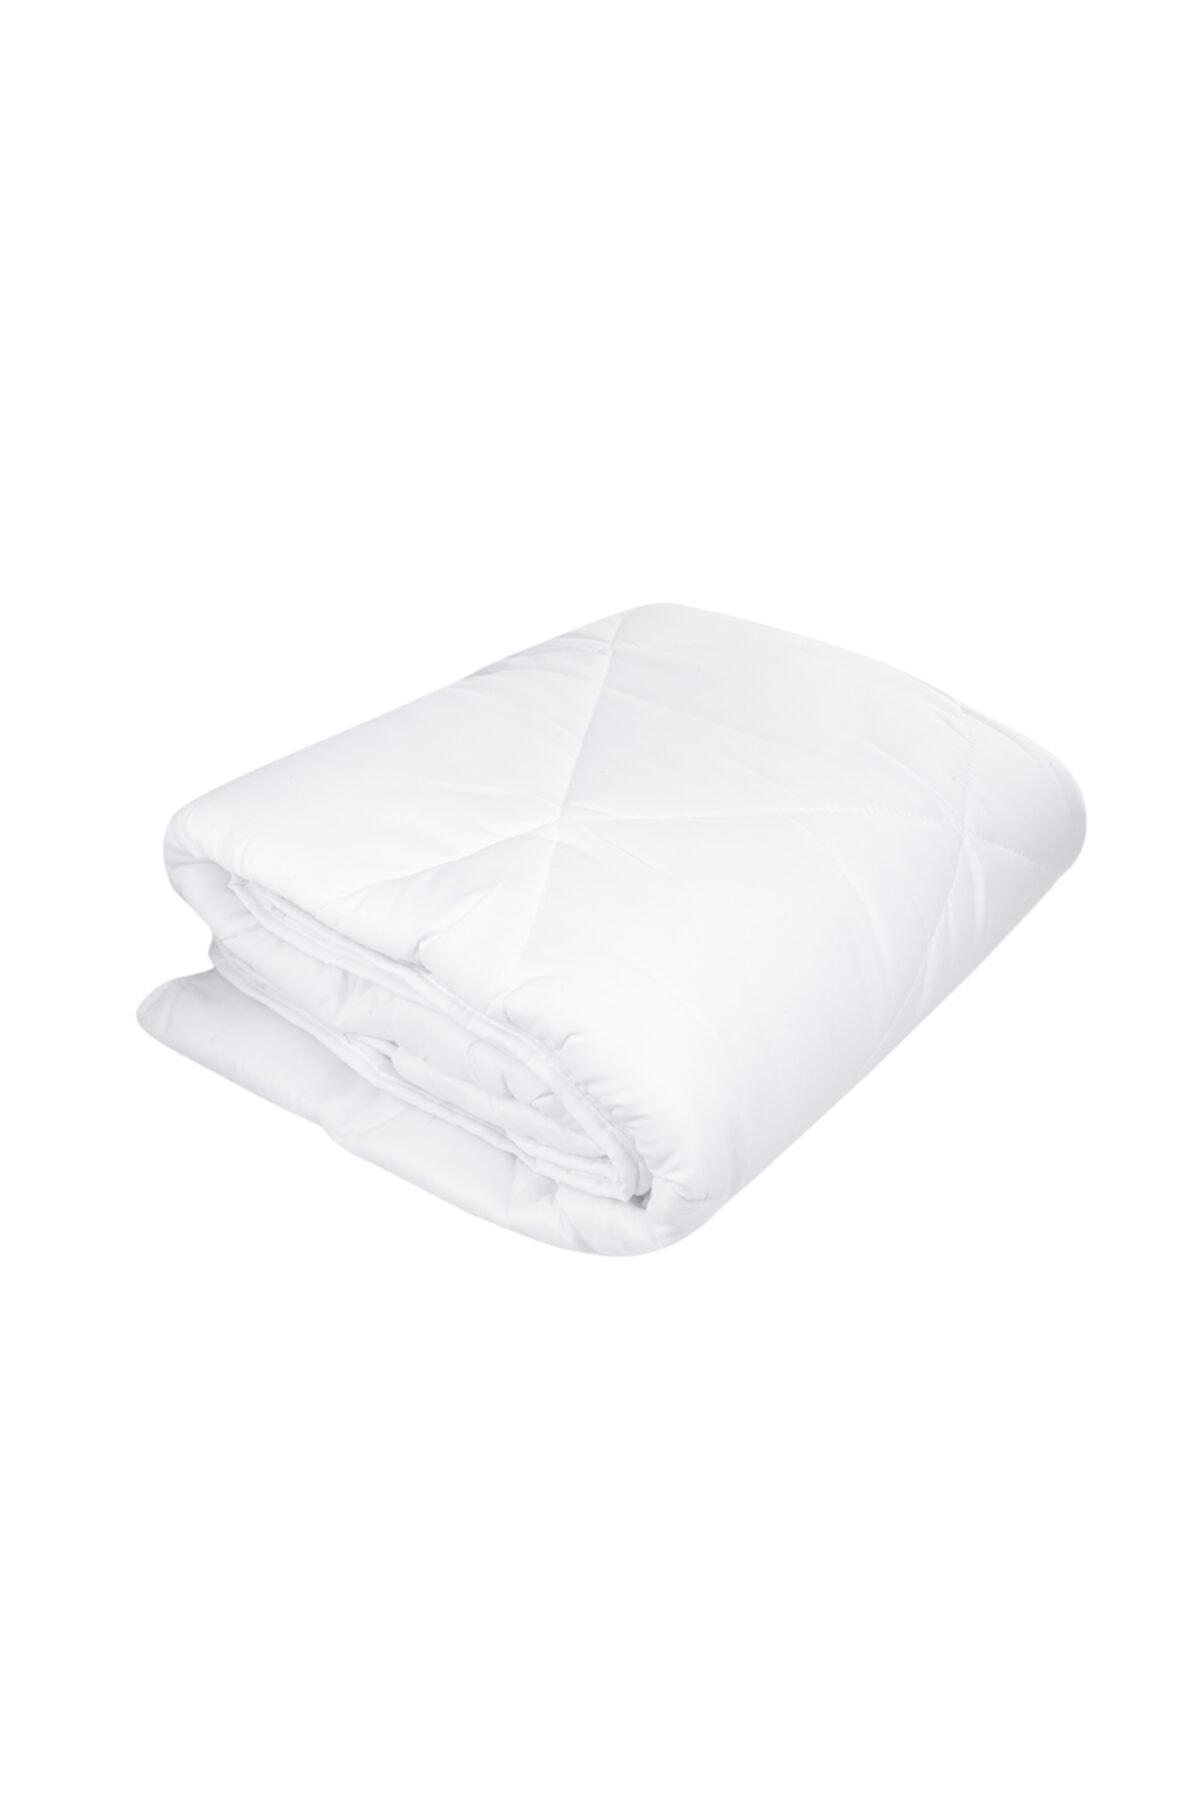 Beyaz Softy Micro Soft Çift Kişilik Uyku Pedi